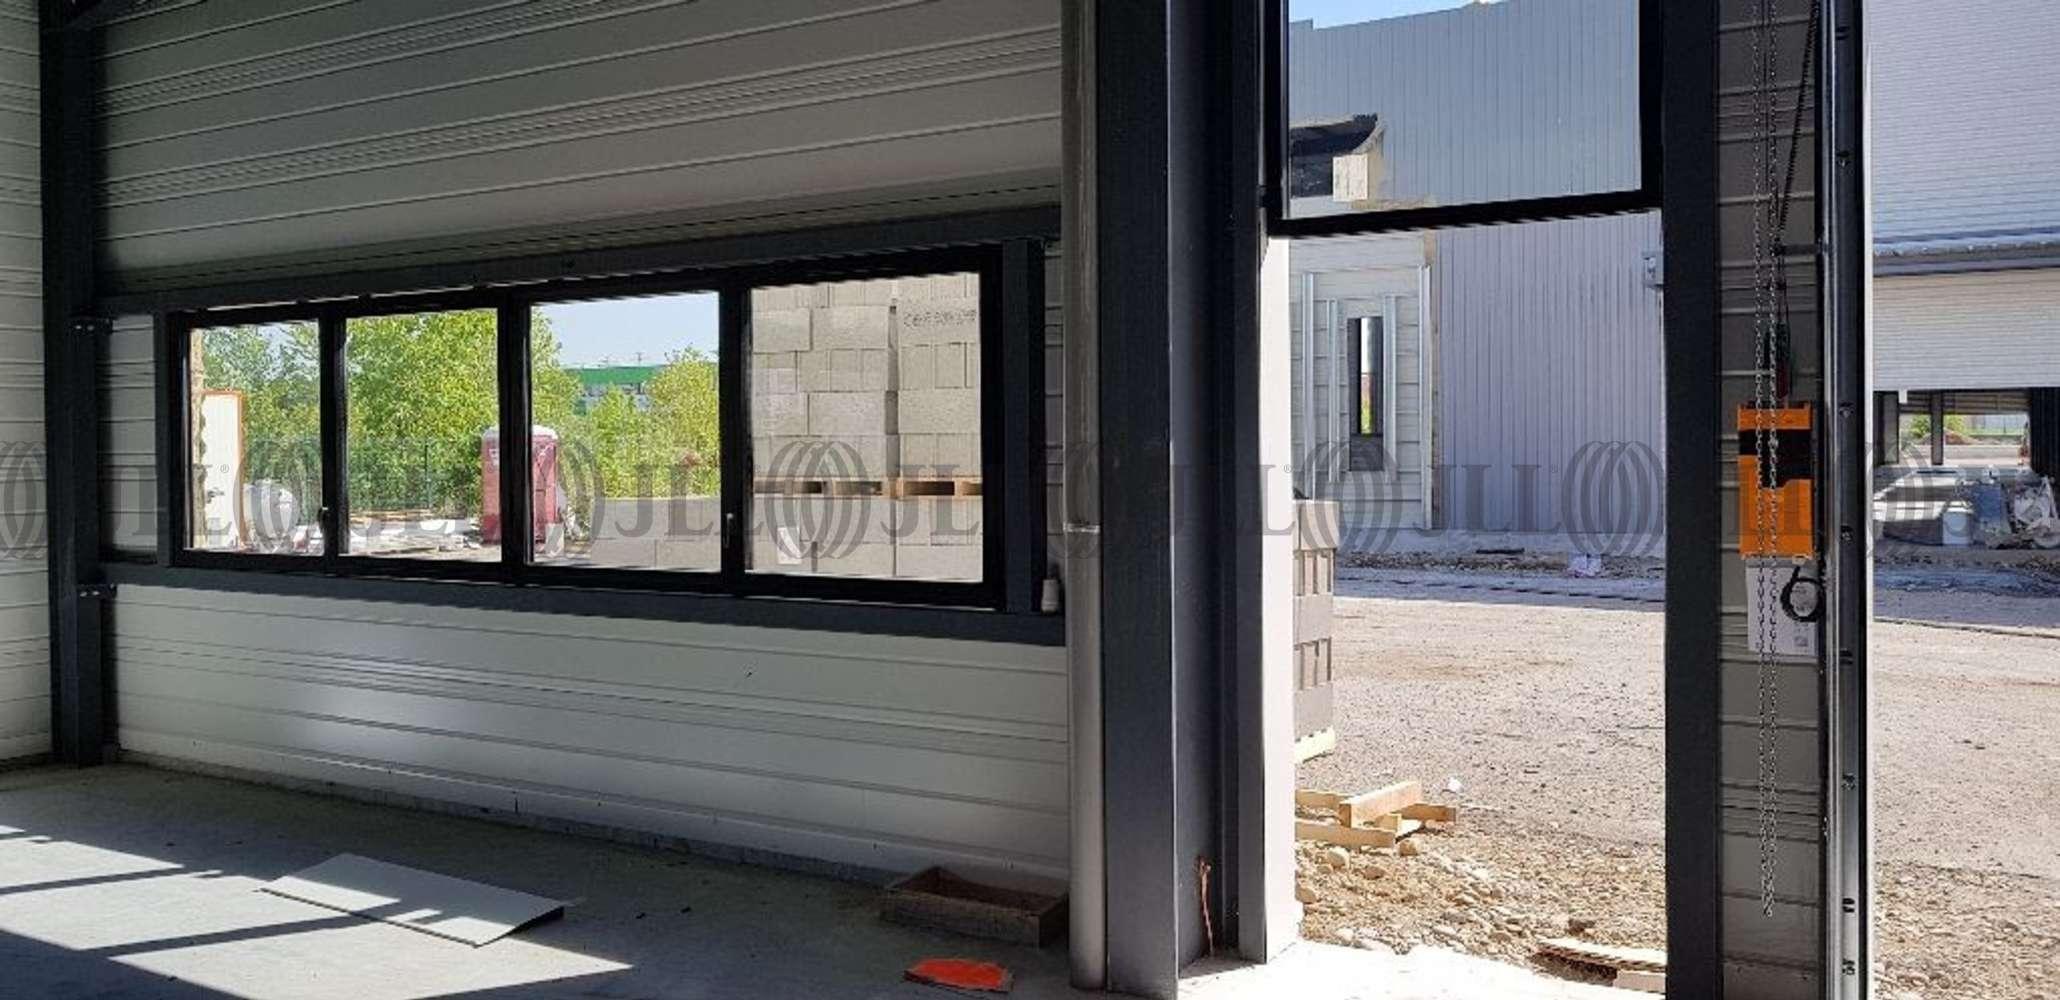 Activités/entrepôt Corbas, 69960 - ENTREPOT À VENDRE CORBAS (LYON, 69) - 9659121